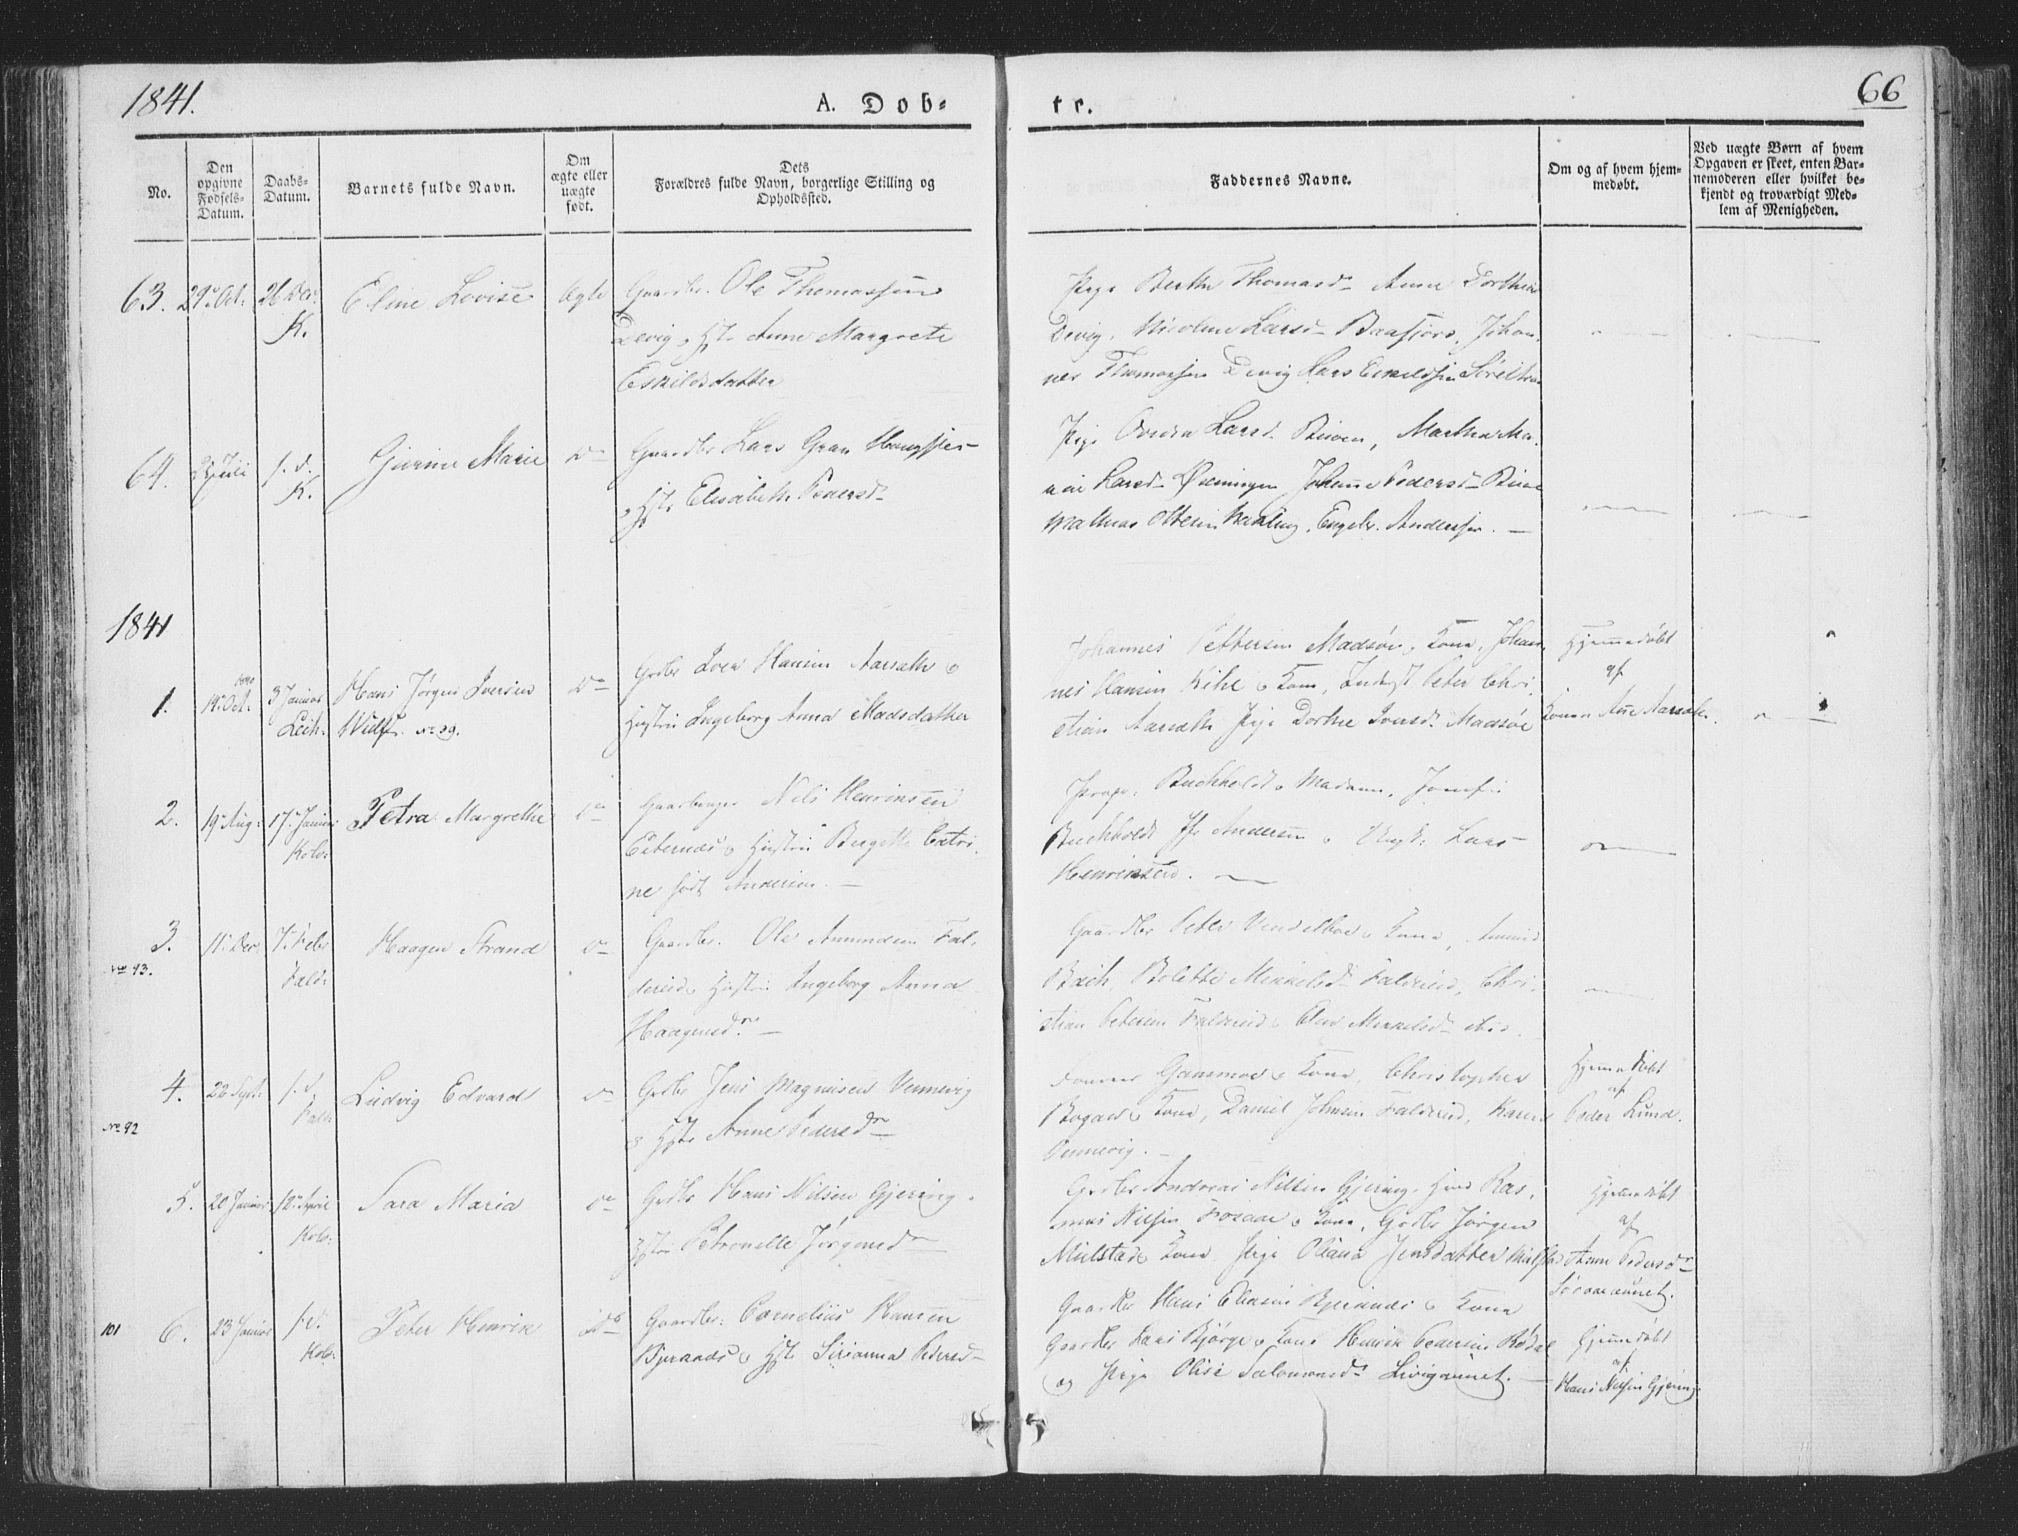 SAT, Ministerialprotokoller, klokkerbøker og fødselsregistre - Nord-Trøndelag, 780/L0639: Ministerialbok nr. 780A04, 1830-1844, s. 66